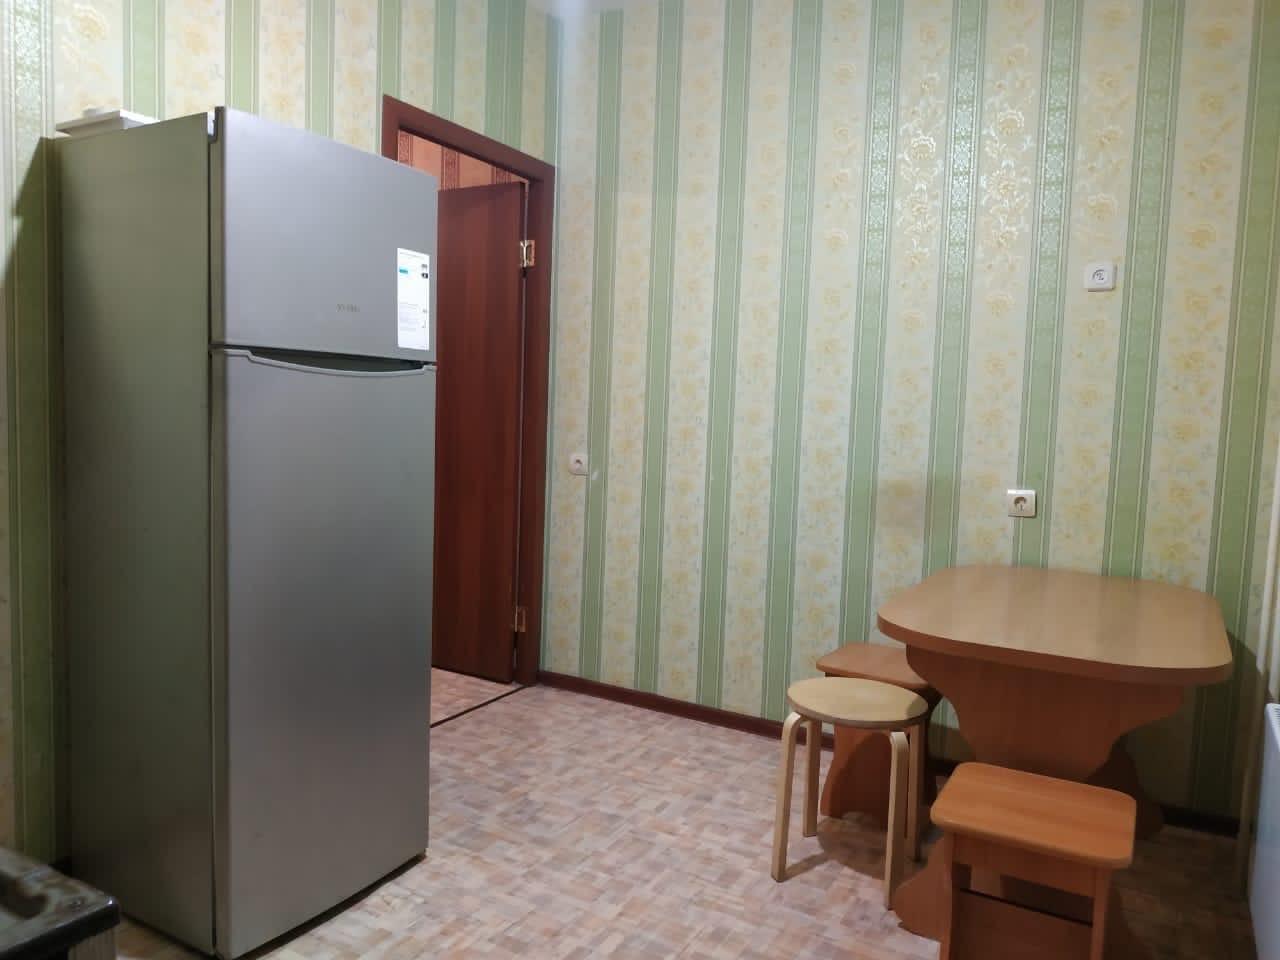 1к квартира улица Красной Армии, 28, Россия | 12500 | аренда в Красноярске фото 3